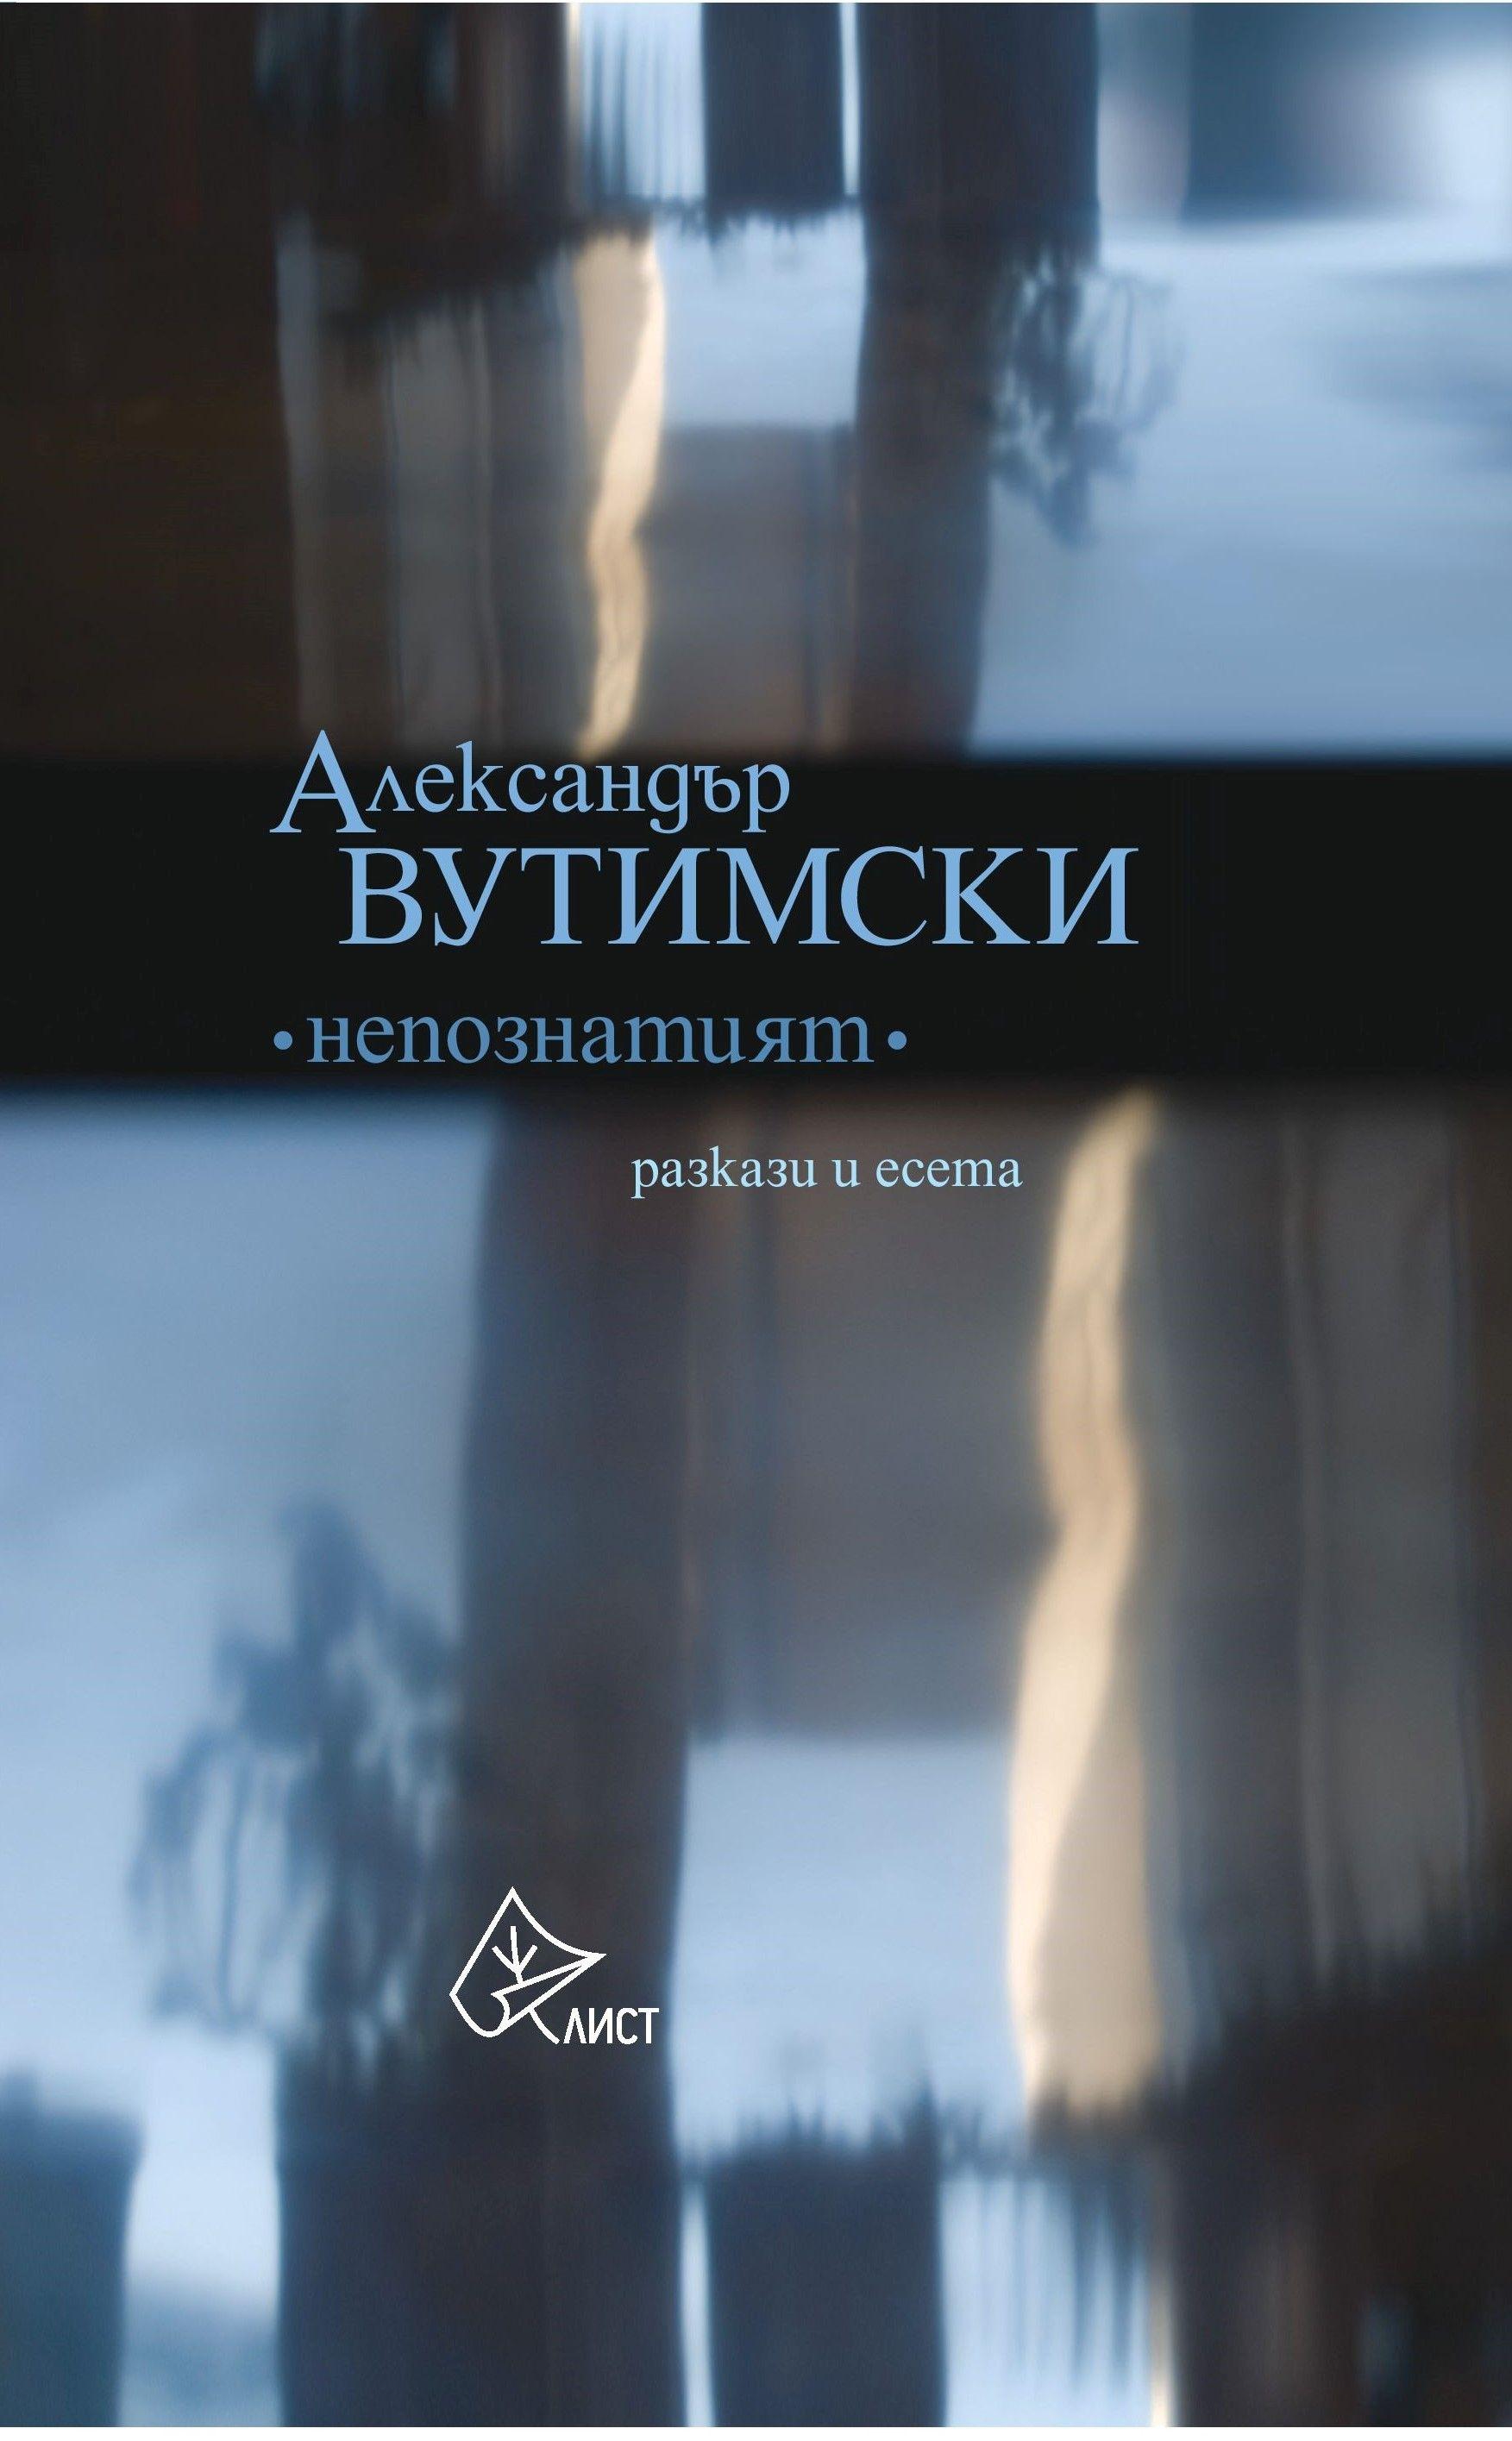 Непознатият (разкази и есета) - 1